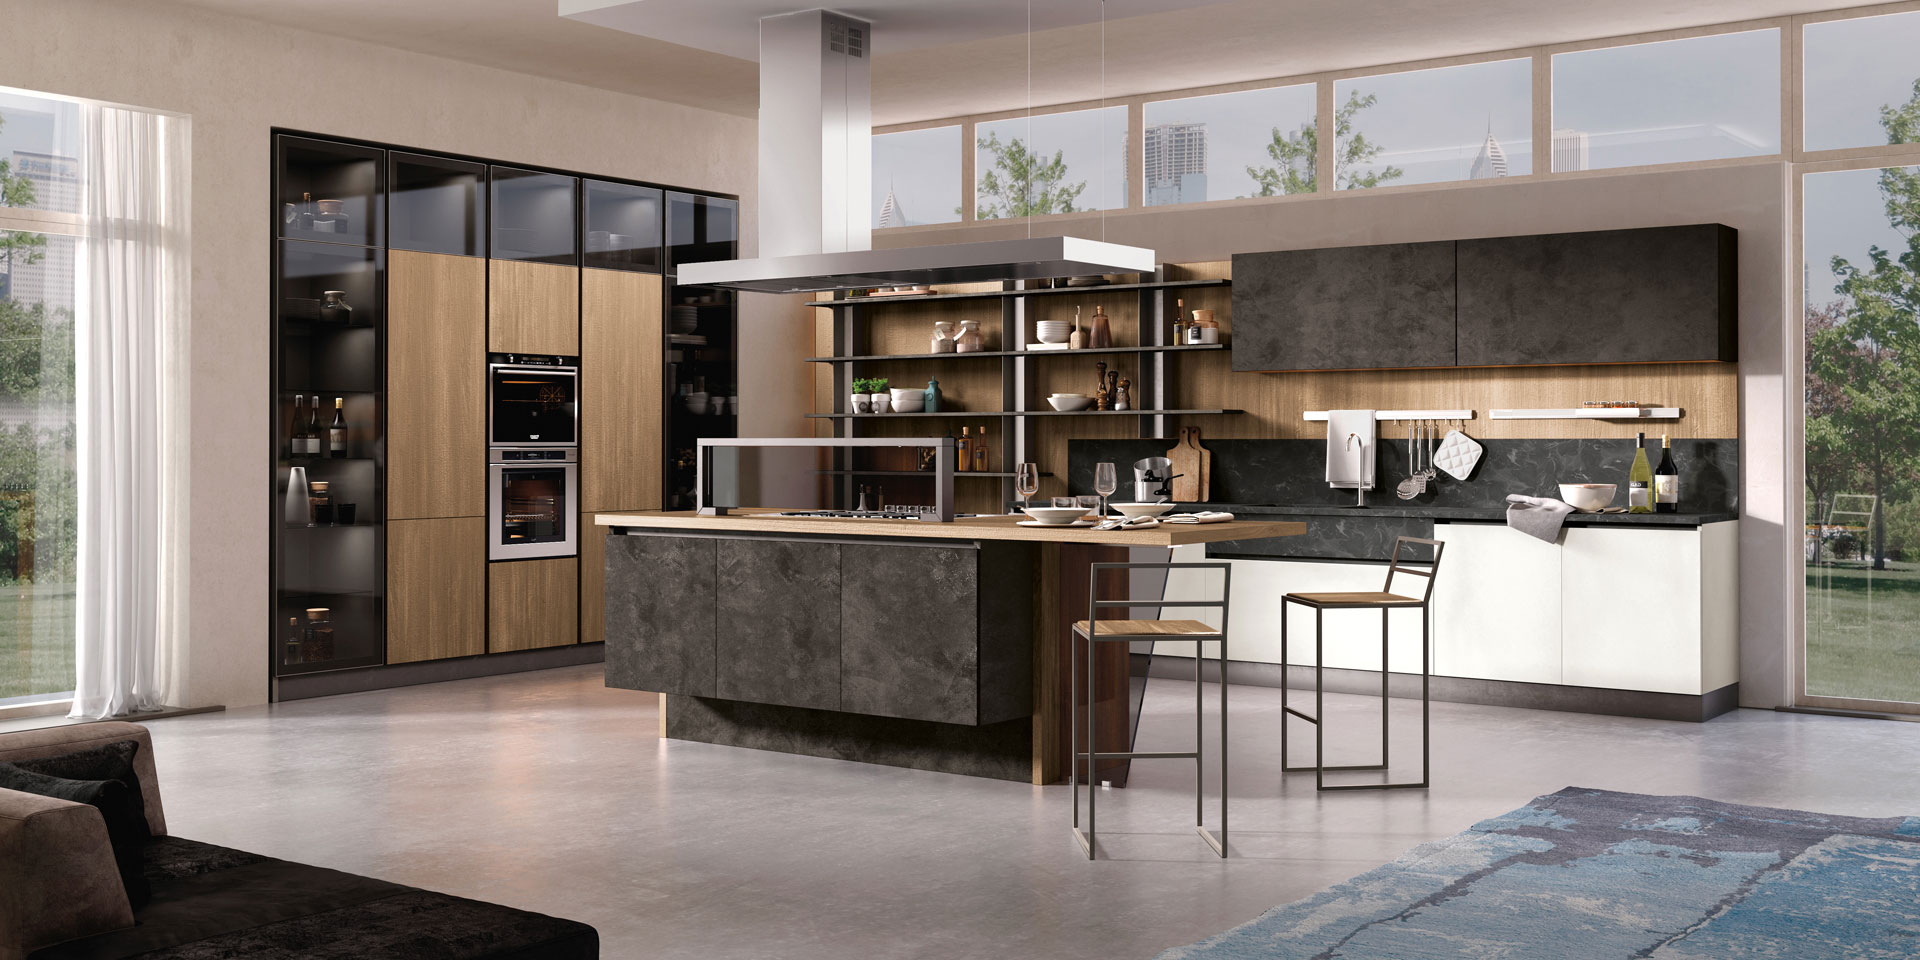 Cucina componibile moderna cucina miami spar - Immagine cucine moderne ...